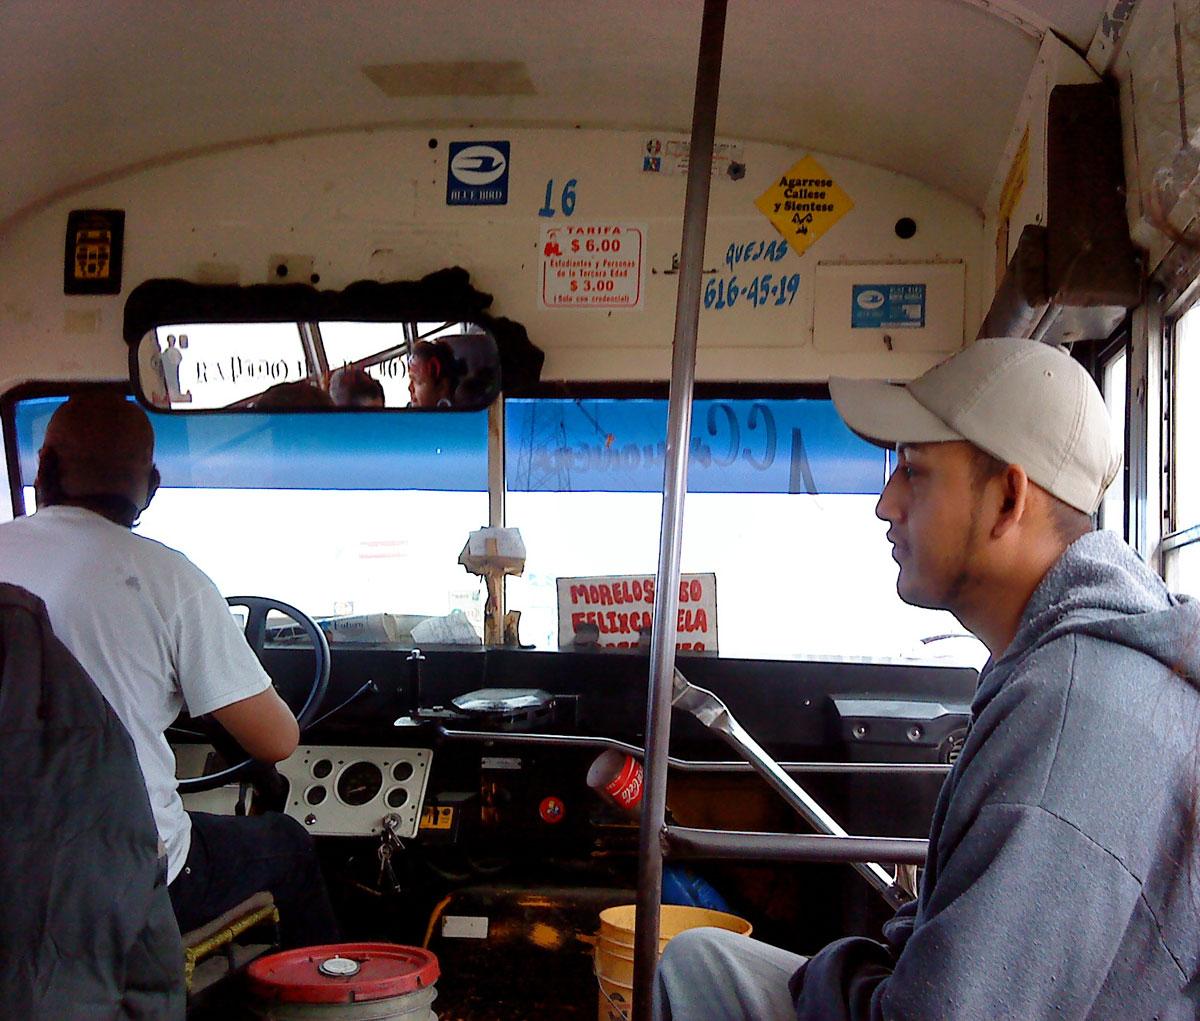 Se hacen aproximadamente 600 mil viajes al día usando el servicio de transporte público de Juárez. (Fernando Aguilar Carranza/Borderzine.com)